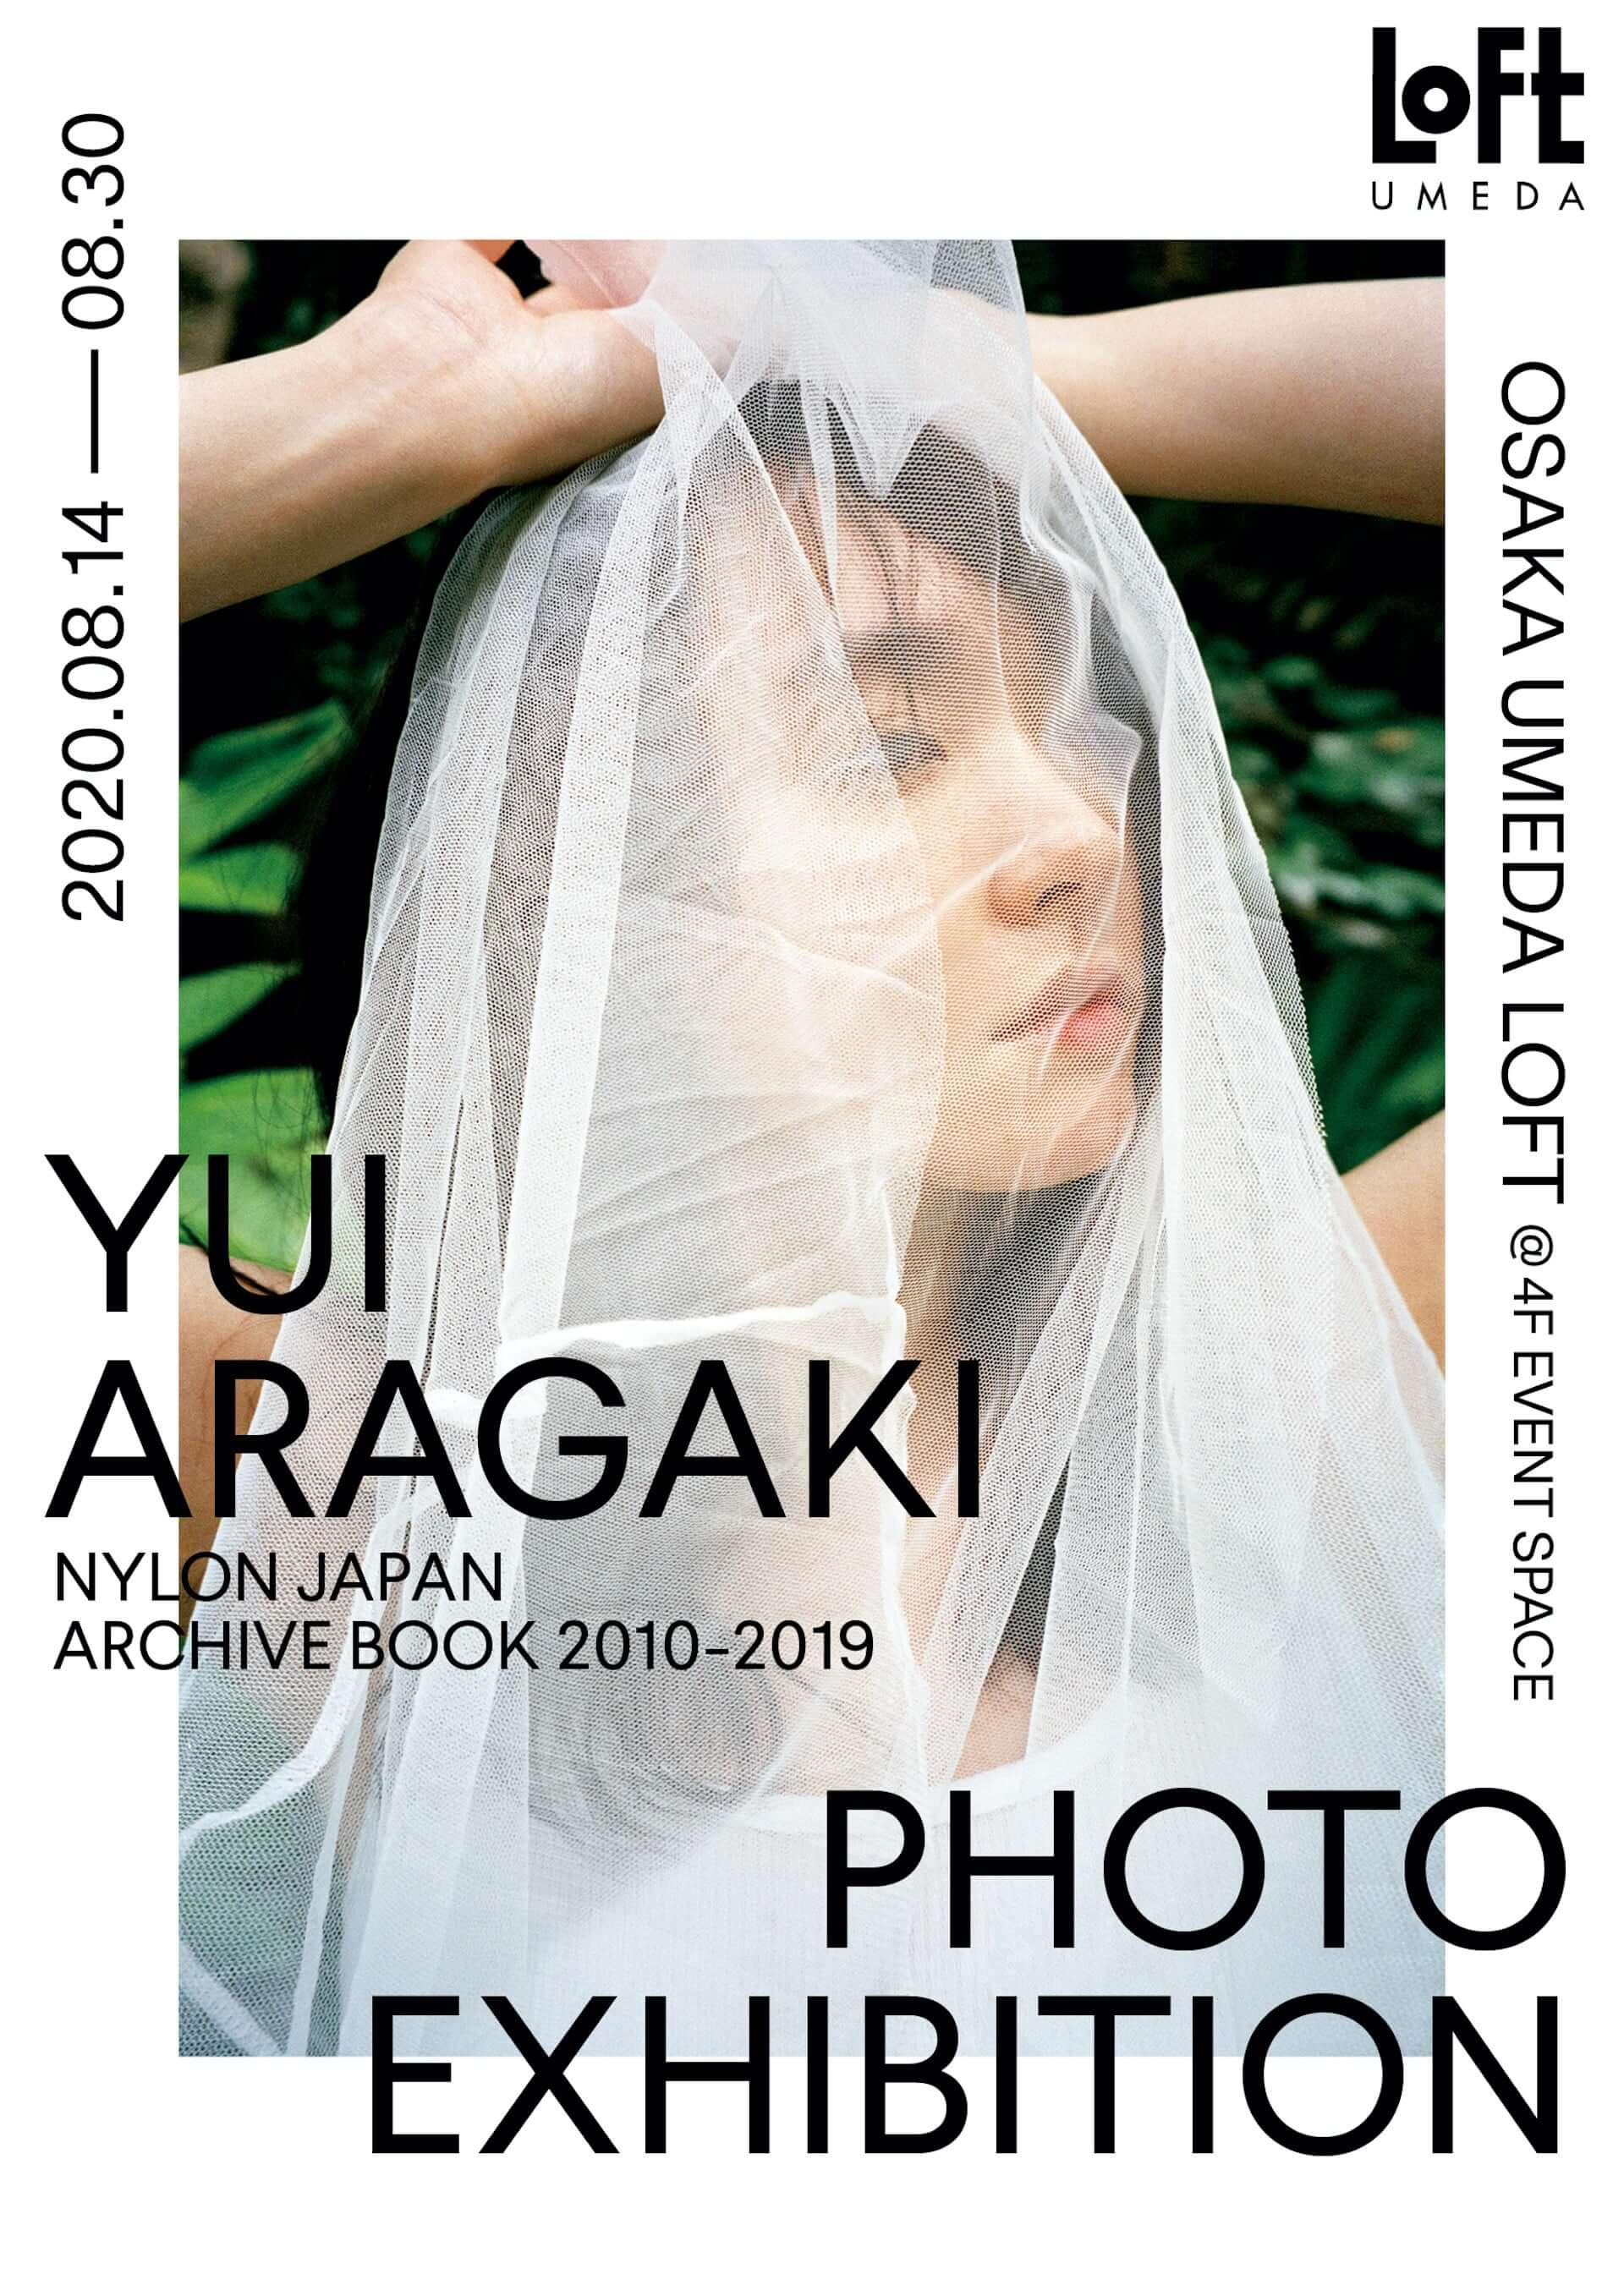 渋谷PARCOで大好評だった新垣結衣初の写真展が梅田ロフトでも開催決定!記念Tシャツ、トートバッグ、ポストカードも登場 art200803_yuiaragaki_3-1920x2715